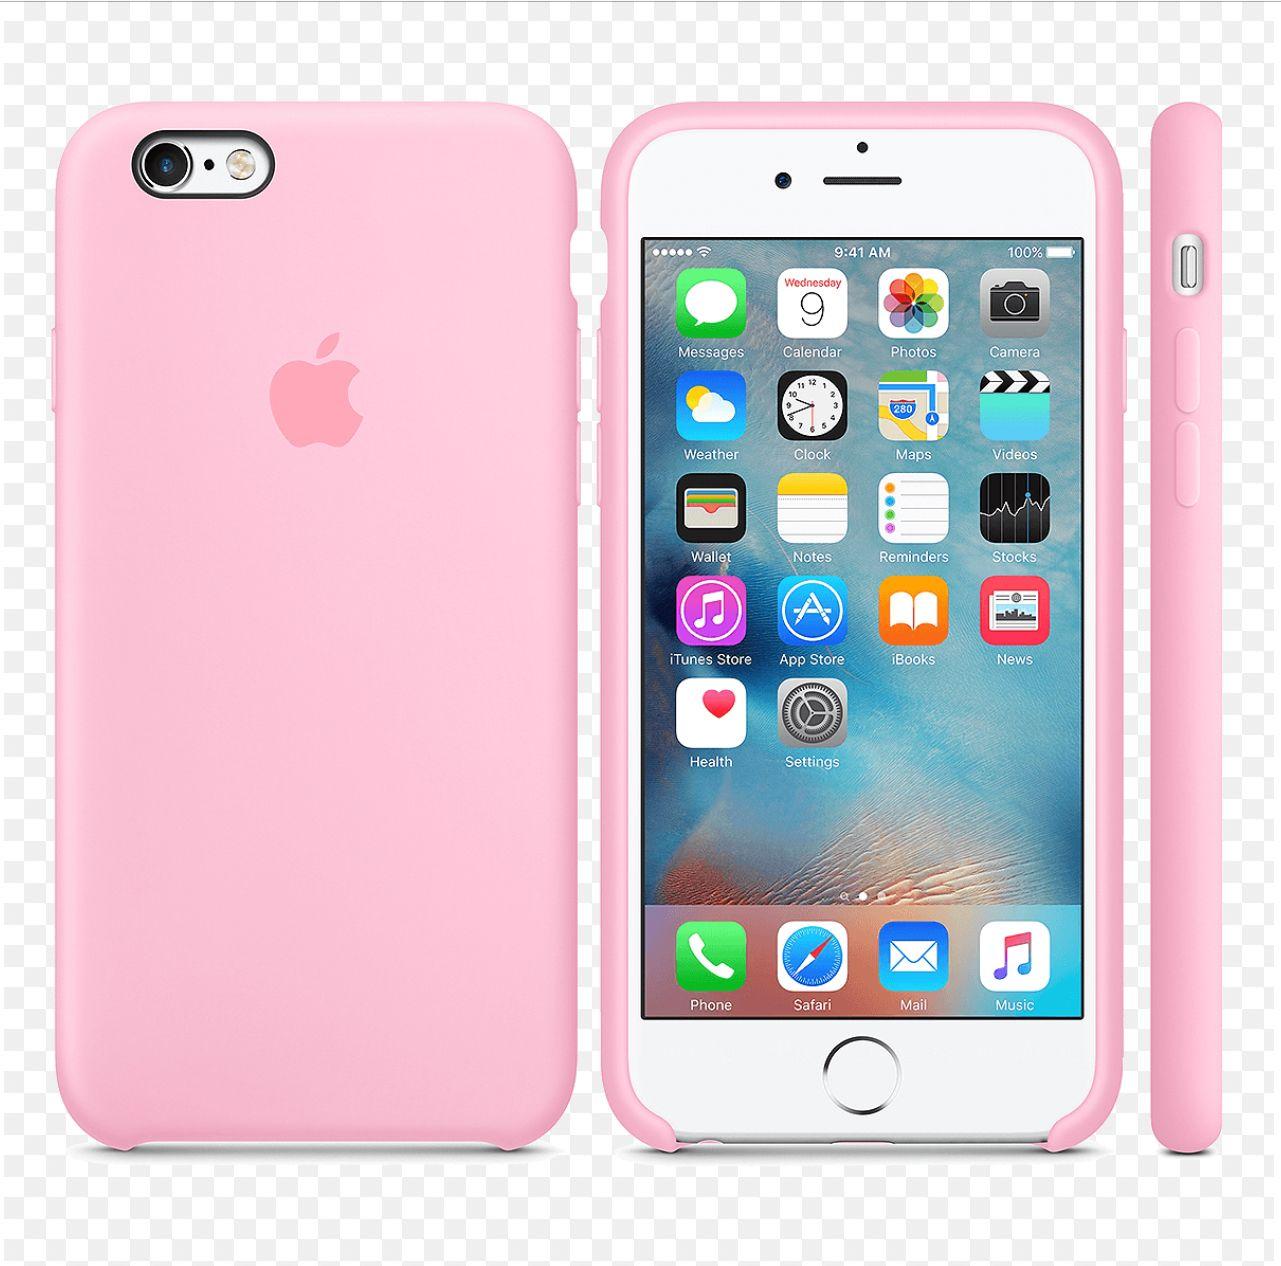 Pin de Pauli en Fundas para teléfono iPhone | Fundas para ipod, Fundas para  iphone 6, Fundas para ipad